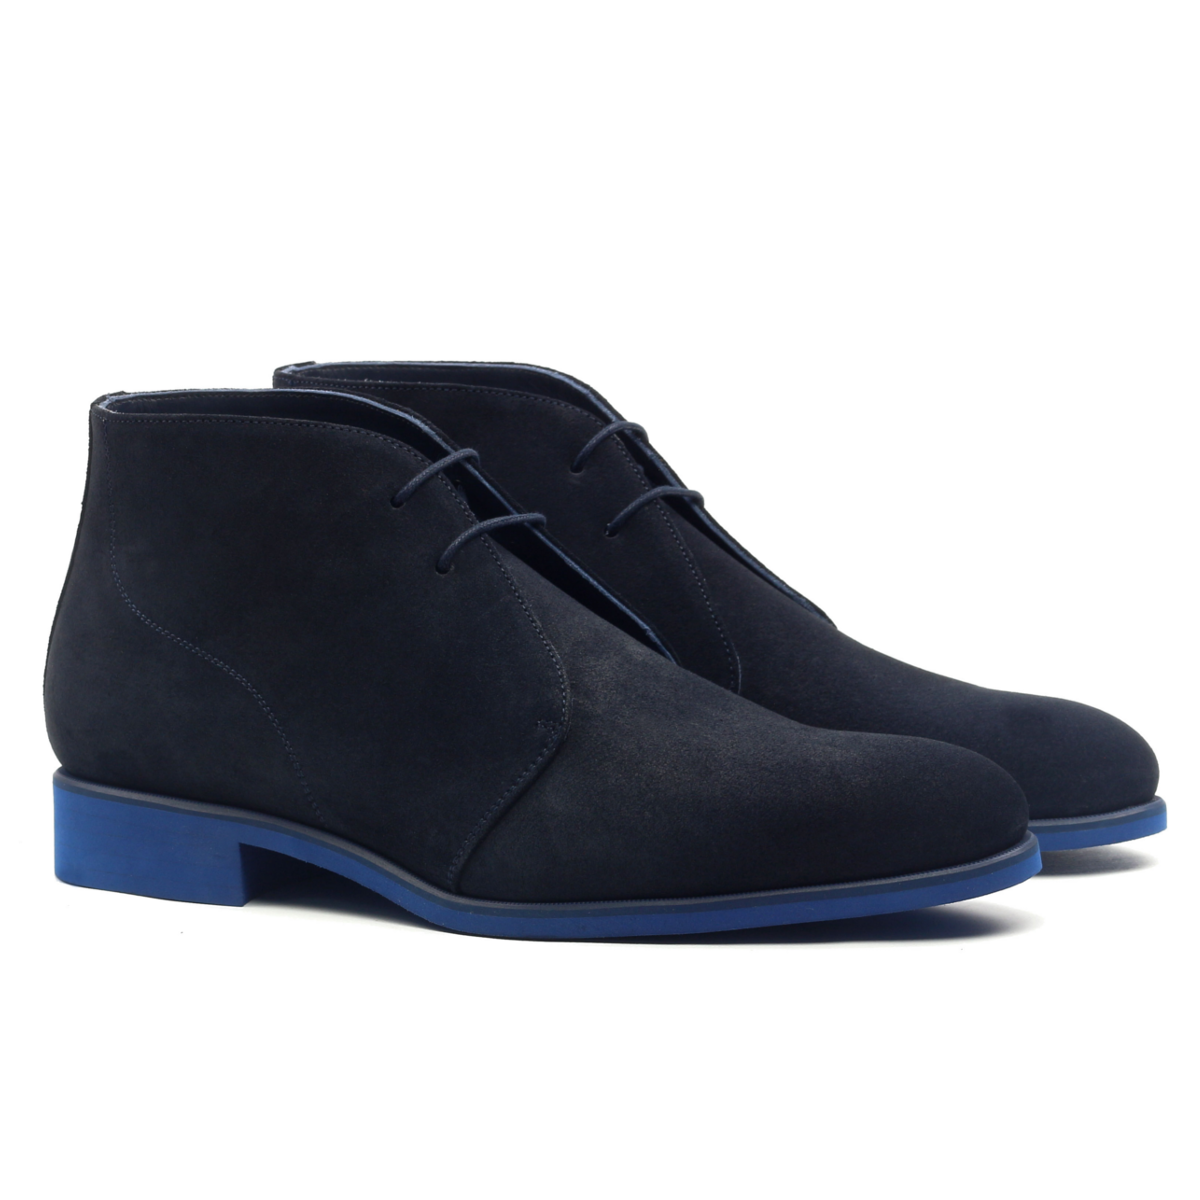 df1e7d5100ac8 Chukka boot blue suede - Cambrillón Bespoke Leather